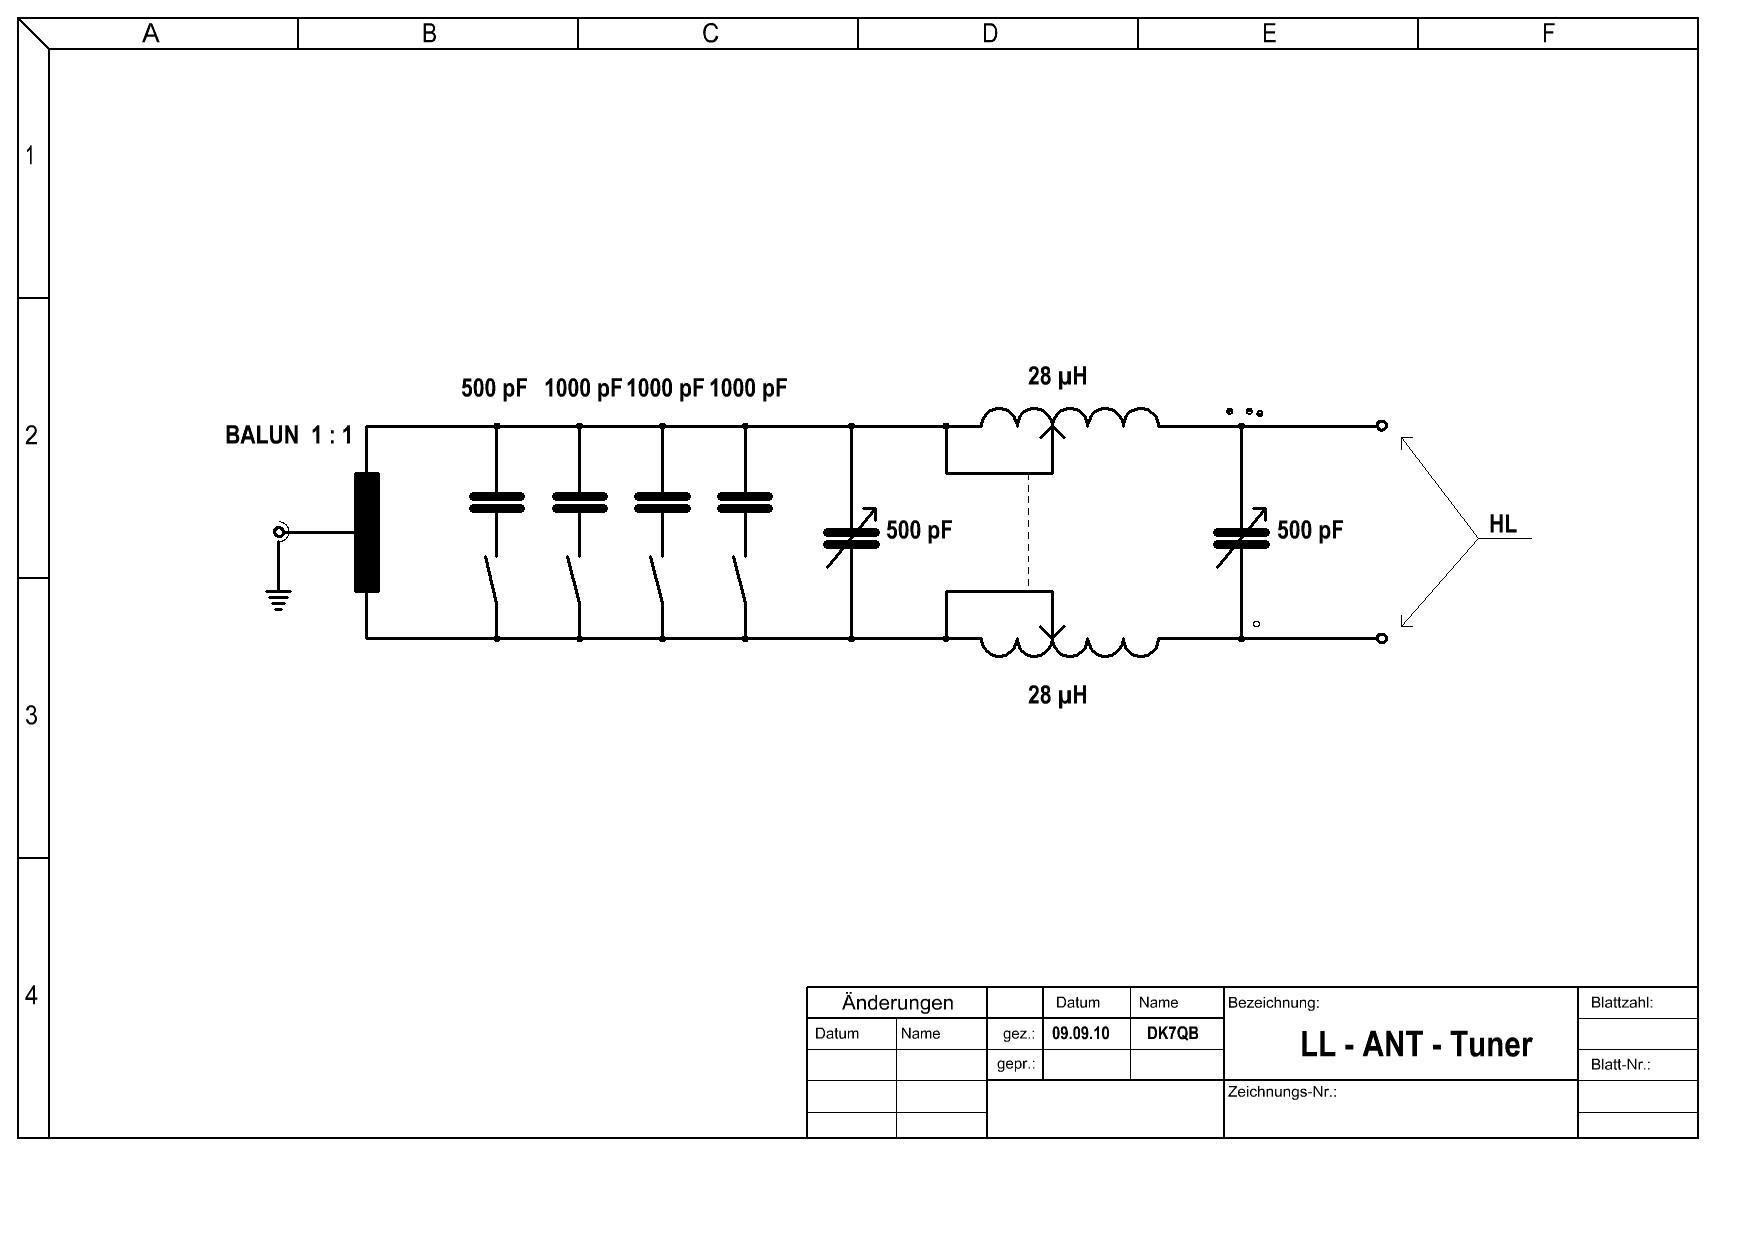 Fragen zu einem LL - ANT - Tuner - Antennenanpassung - Forum der ...